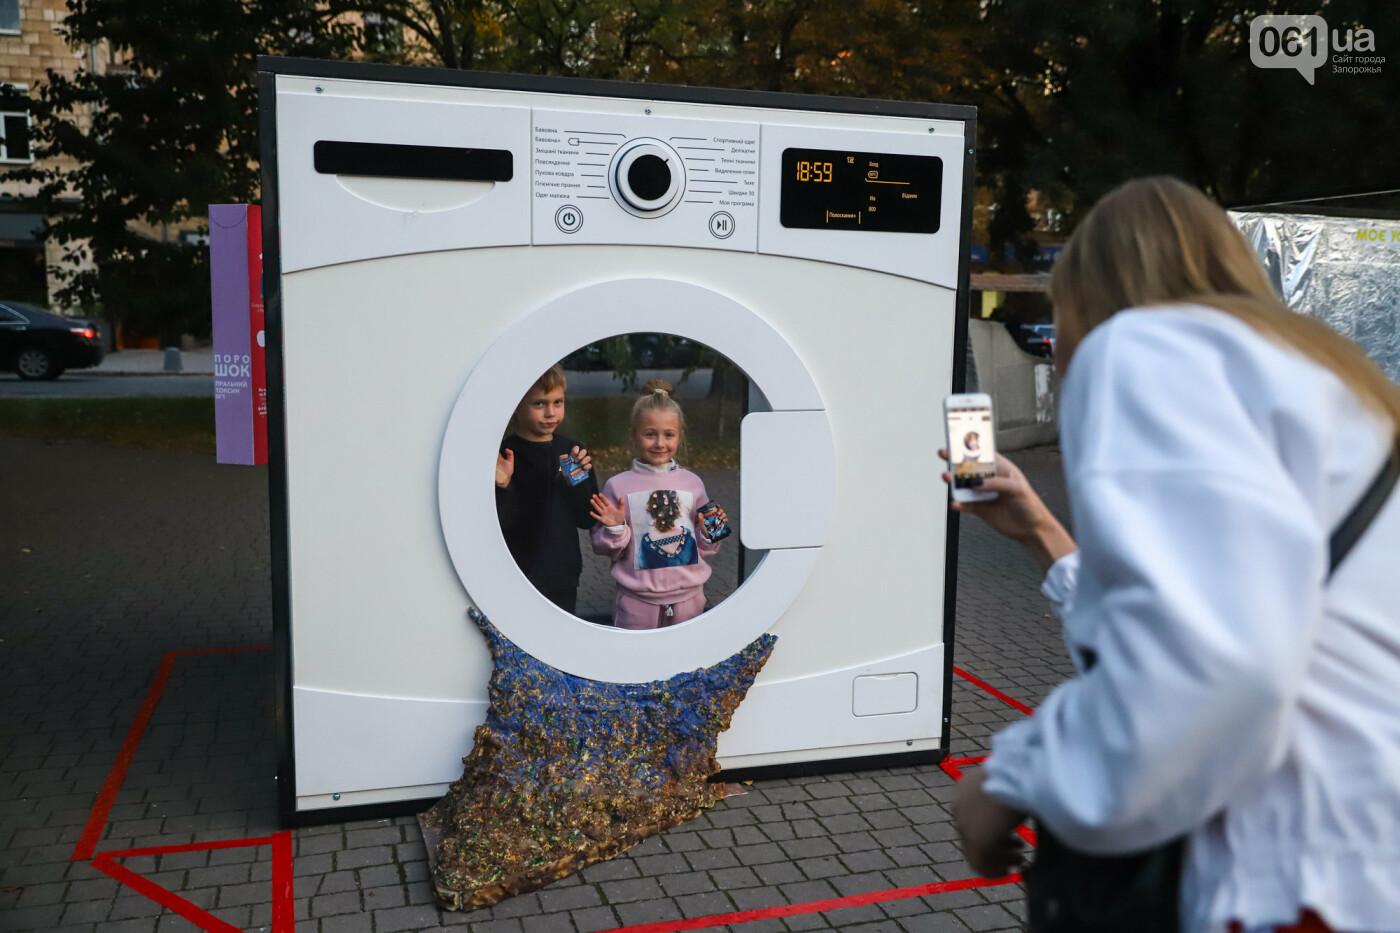 Огромная стиральная машина и комната из фольги: в центре Запорожья открылась эко-выставка, - ФОТОРЕПОРТАЖ , фото-31